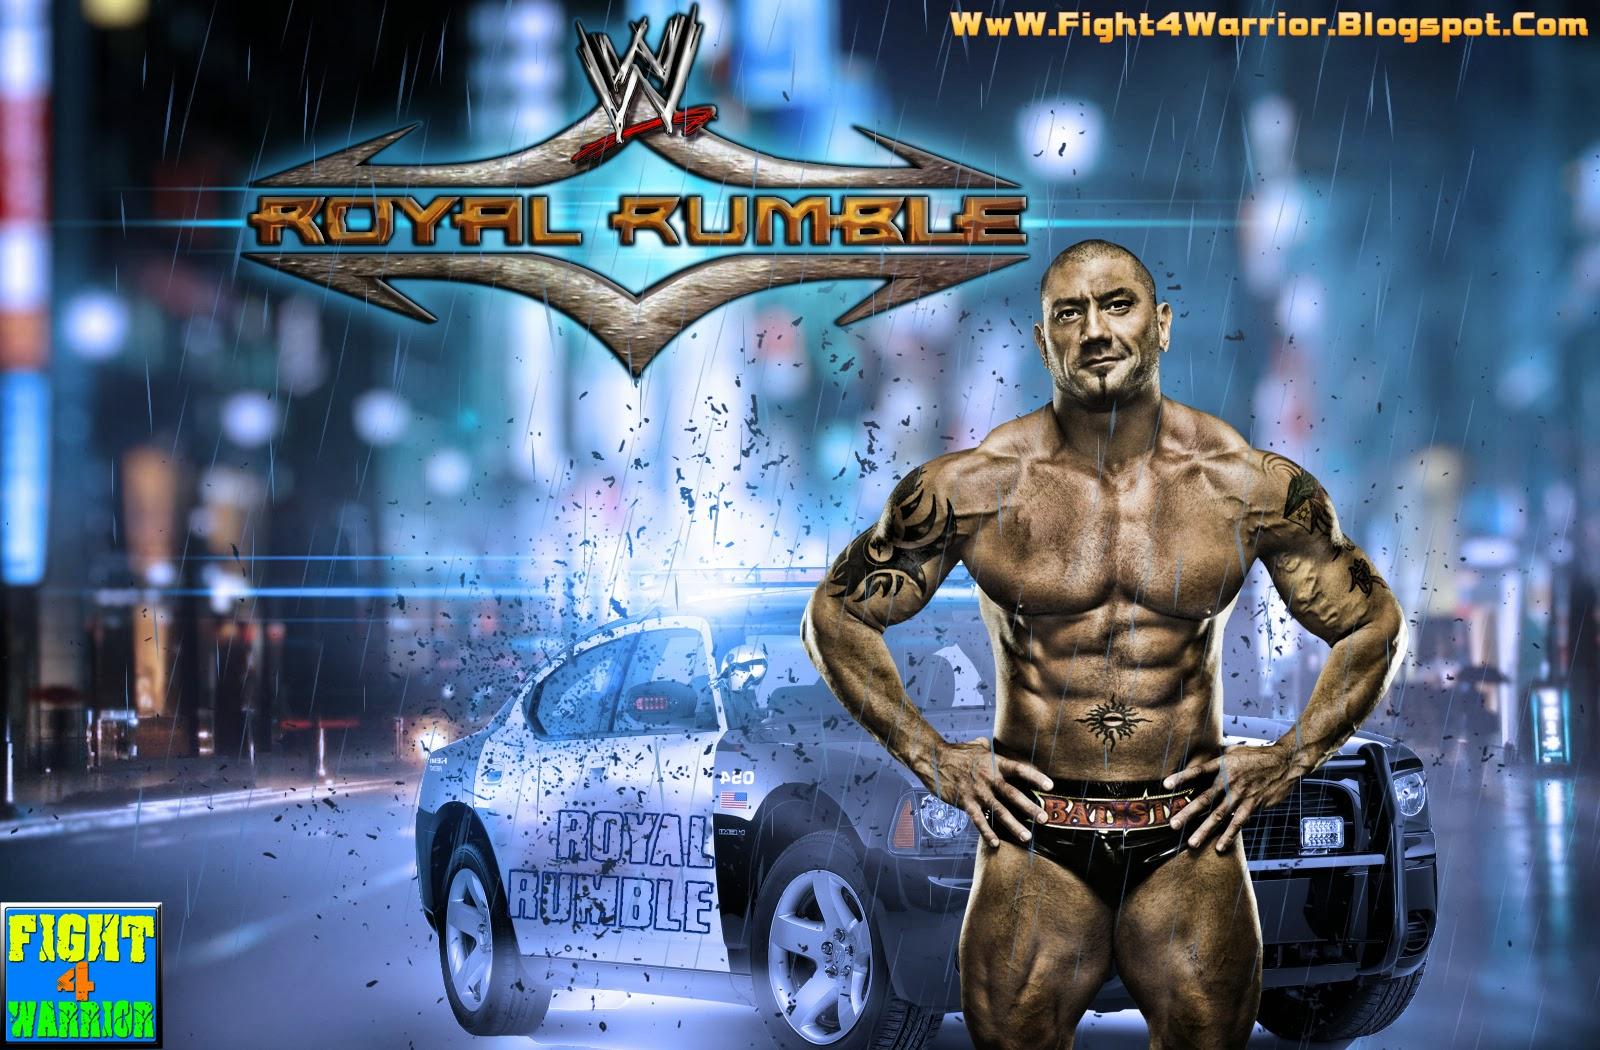 batista royal rumble 2...